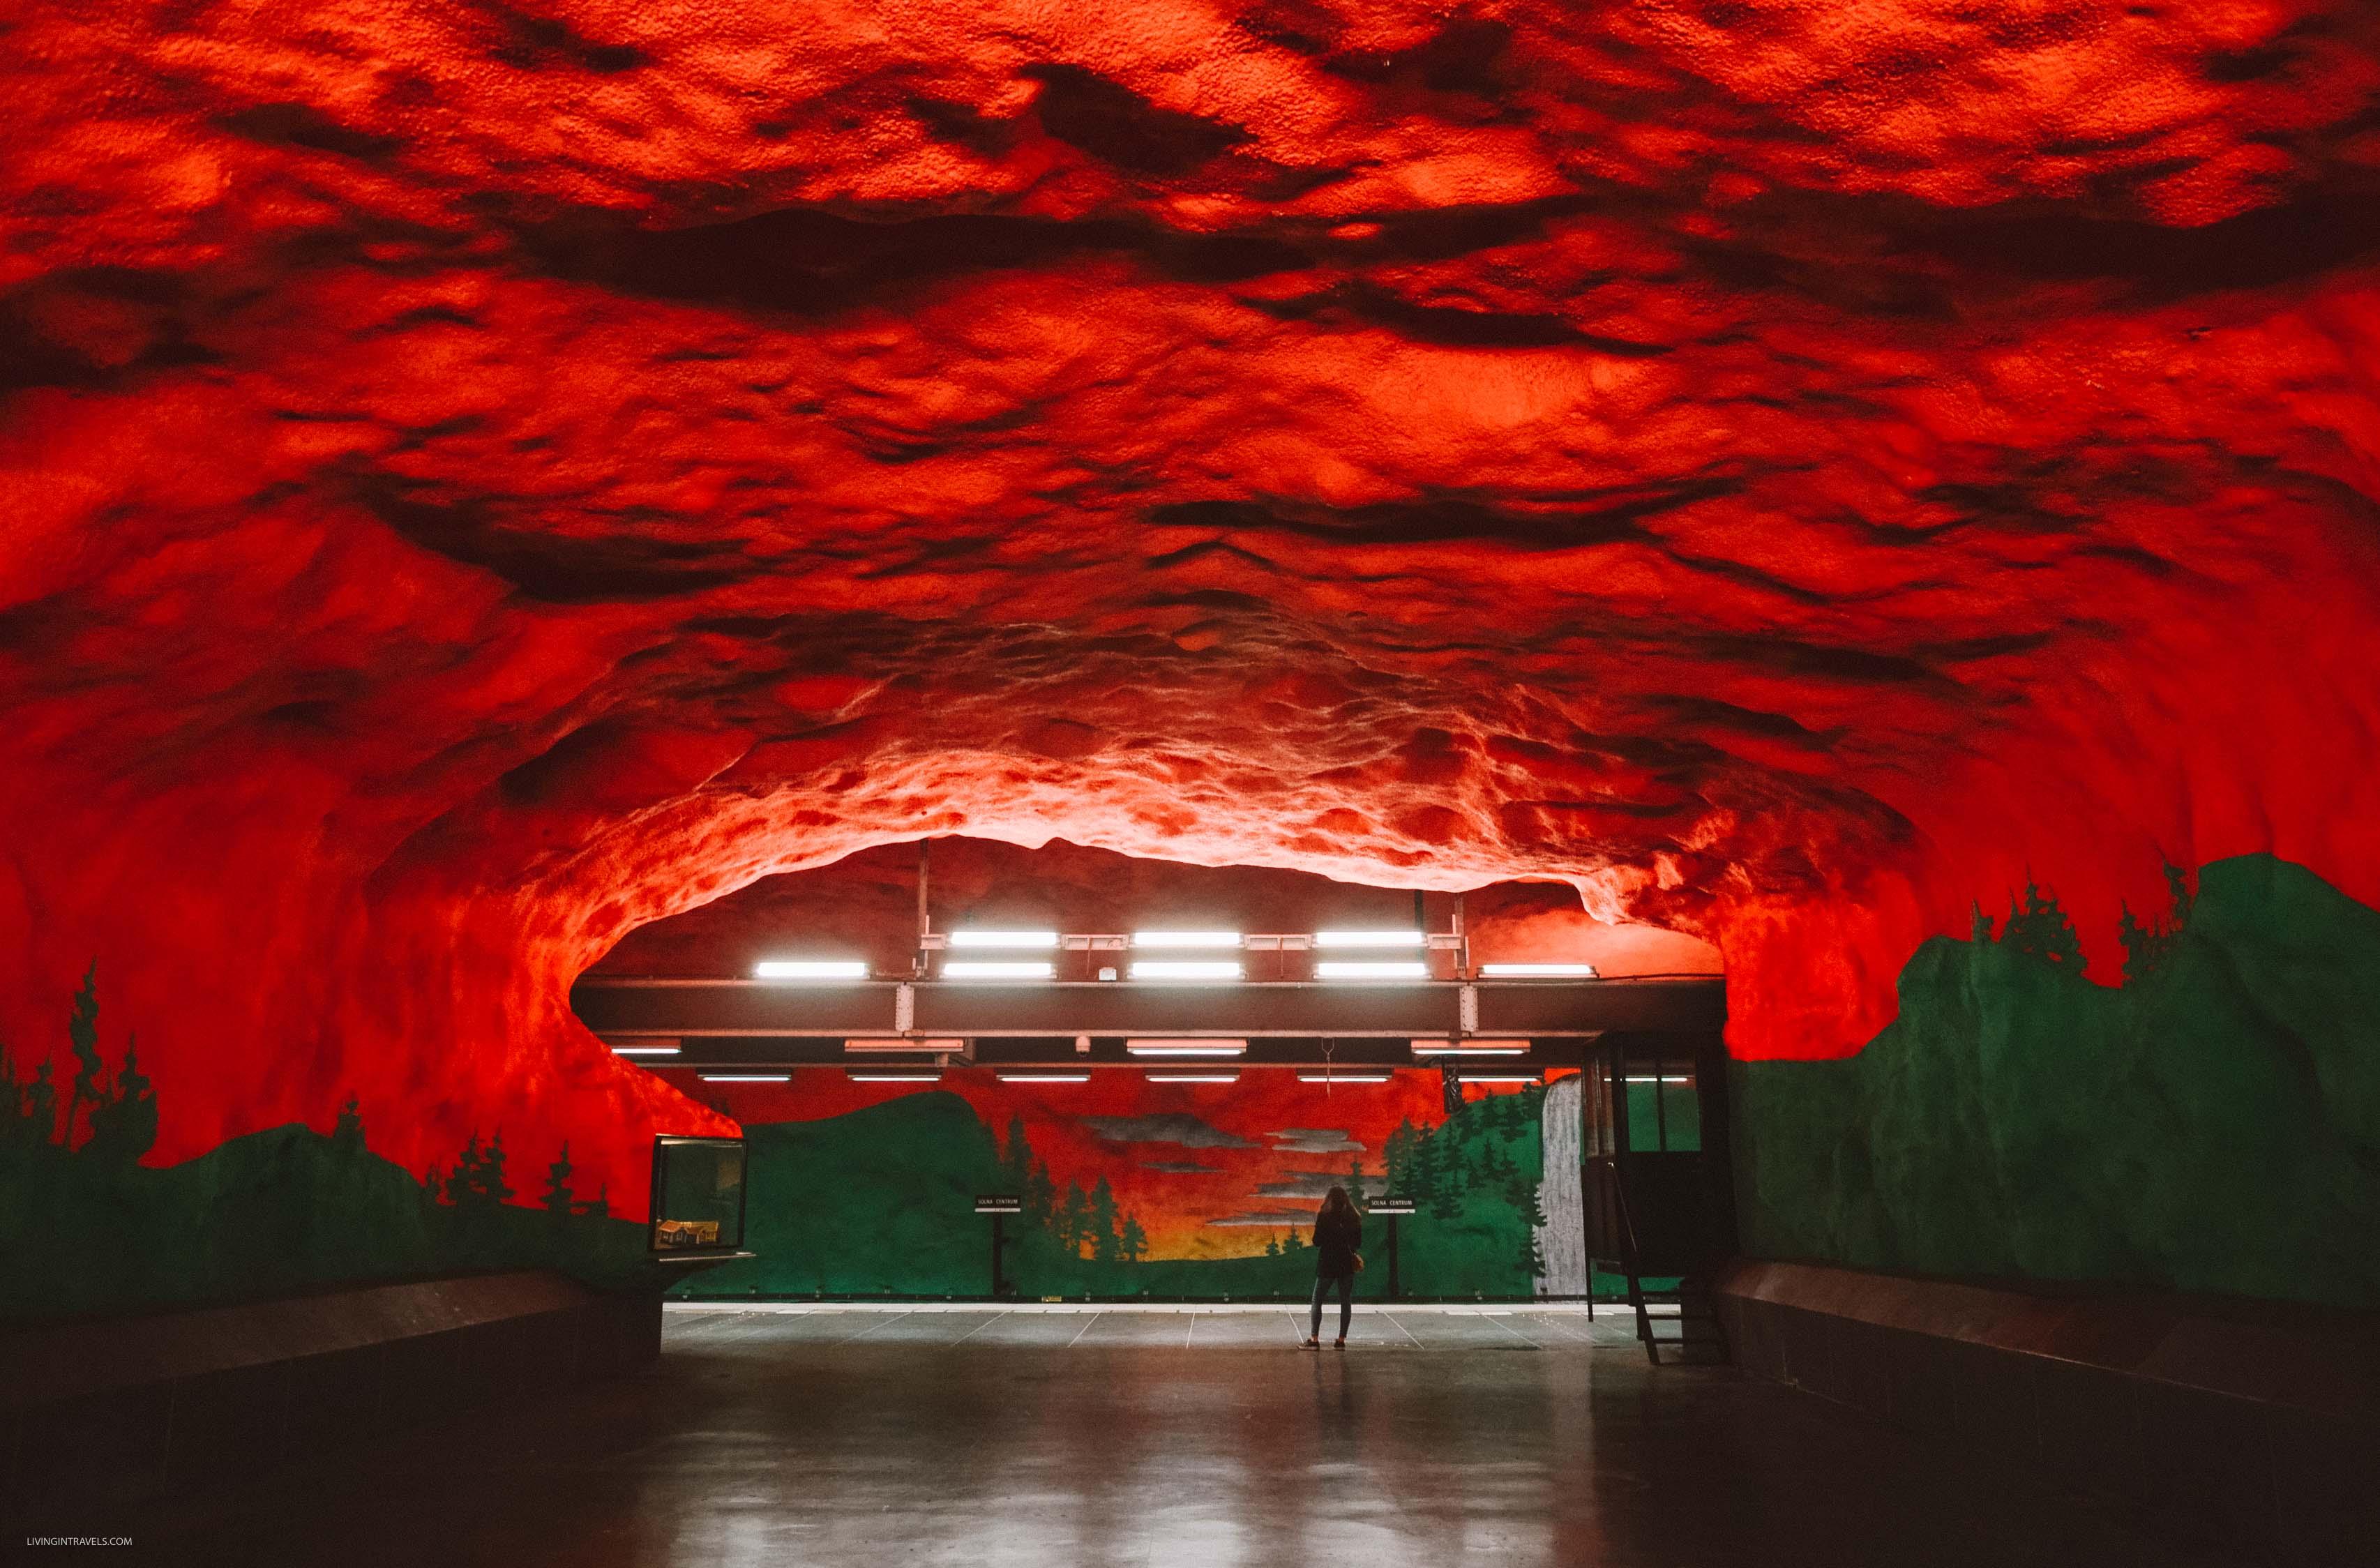 Станция Solna centrum. Арт-тур по метро Стокгольма: самые красивые станции